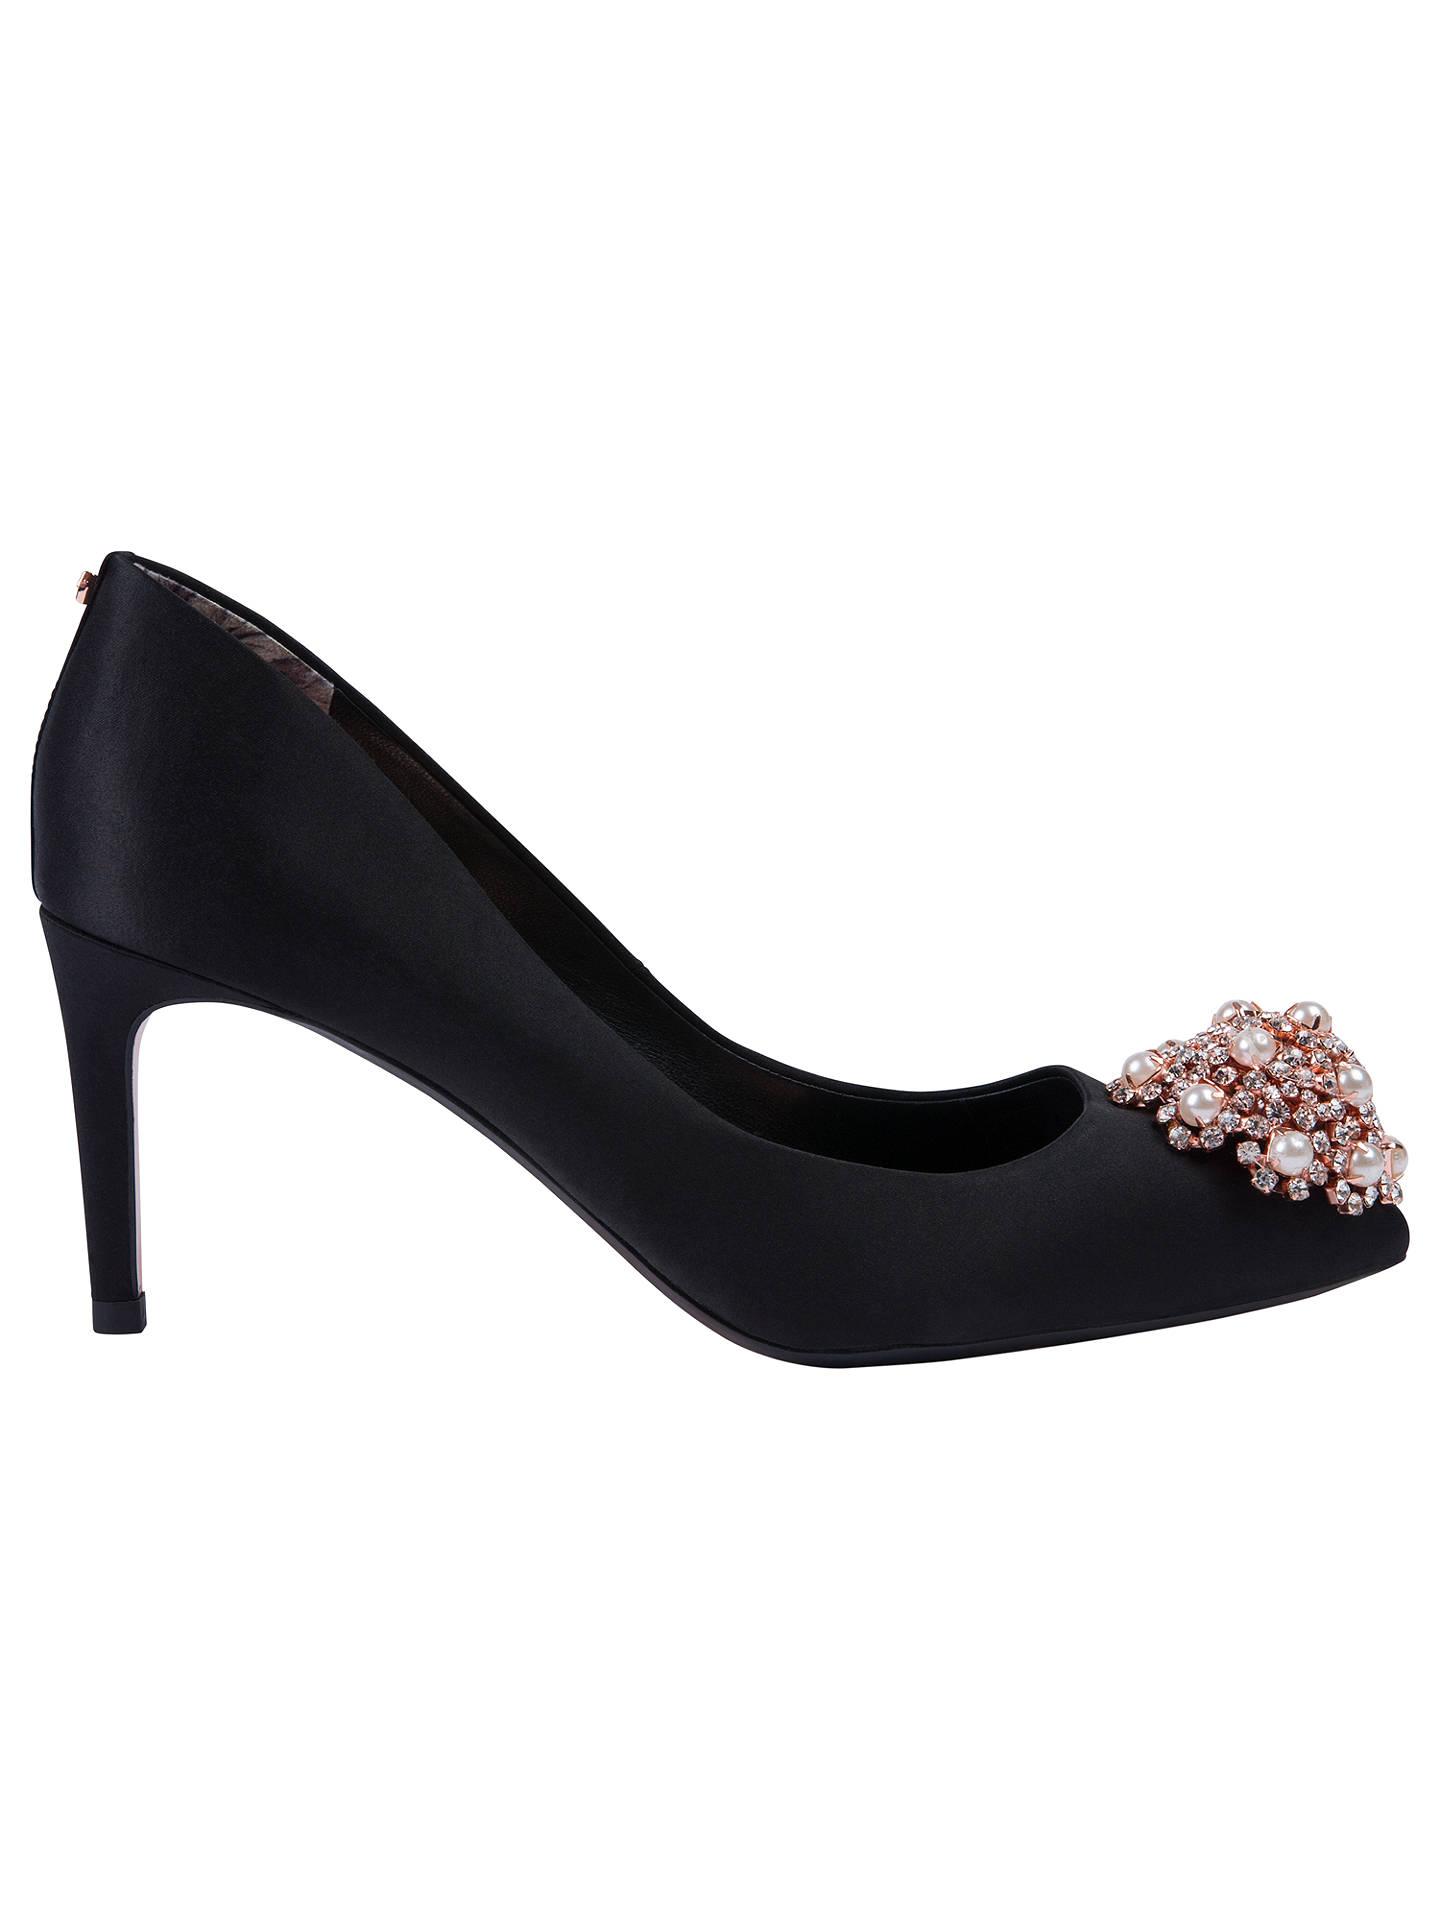 95545fb71952b8 Buy Ted Baker Dahrlin Embellished Court Shoes, Black, 7 Online at  johnlewis.com ...